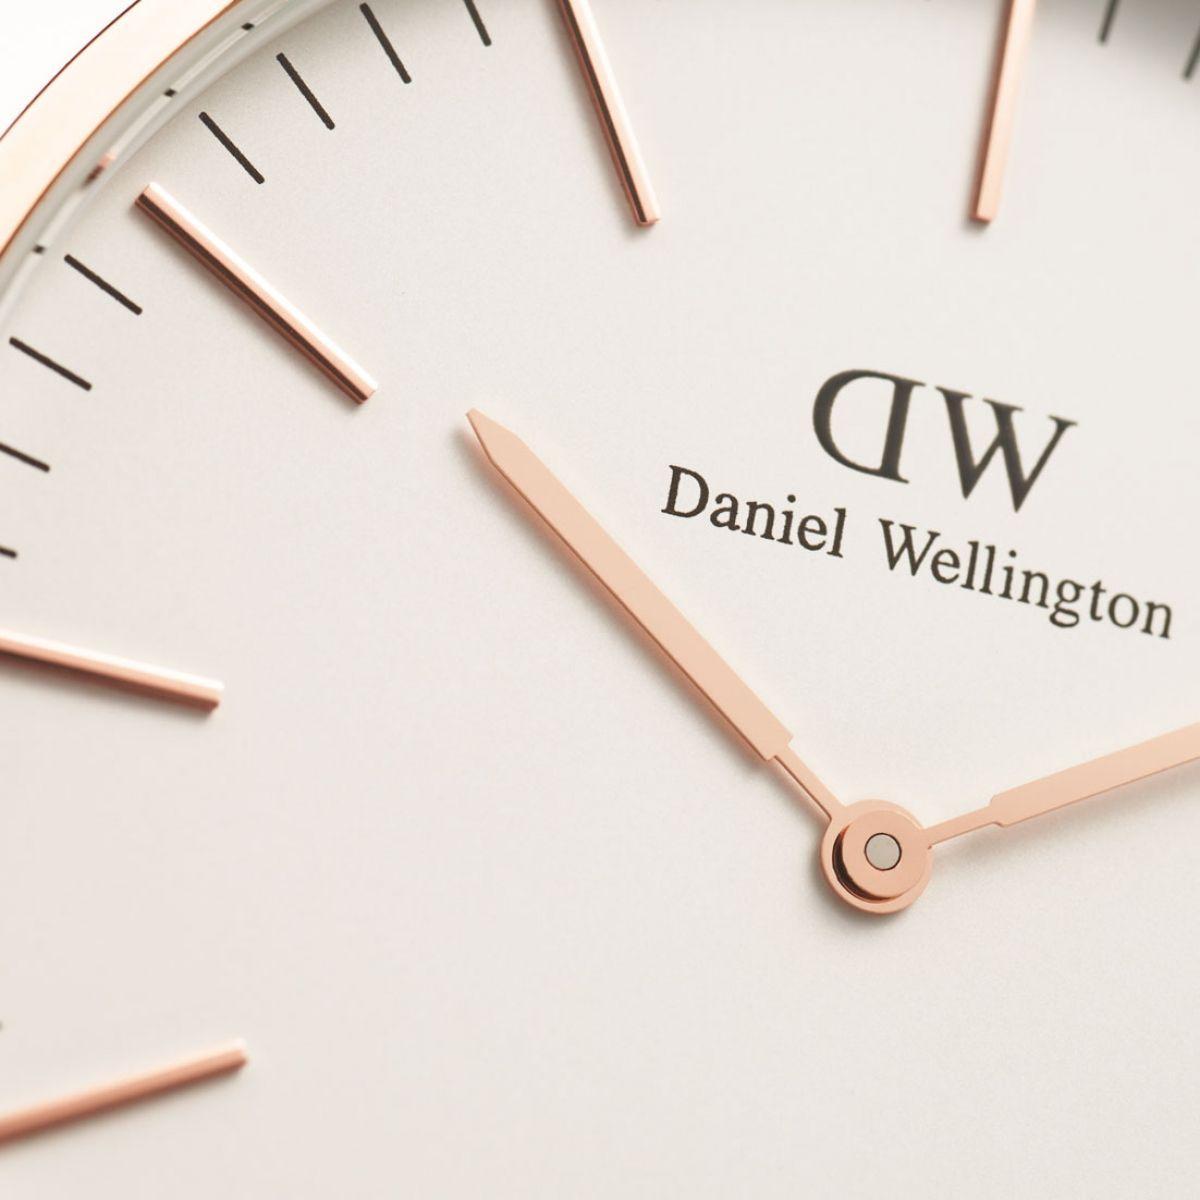 dw官网 dw手表官网 dw中国官网 dw官方旗舰店 DW DW官网  W Classic Glasgow RG 40mm